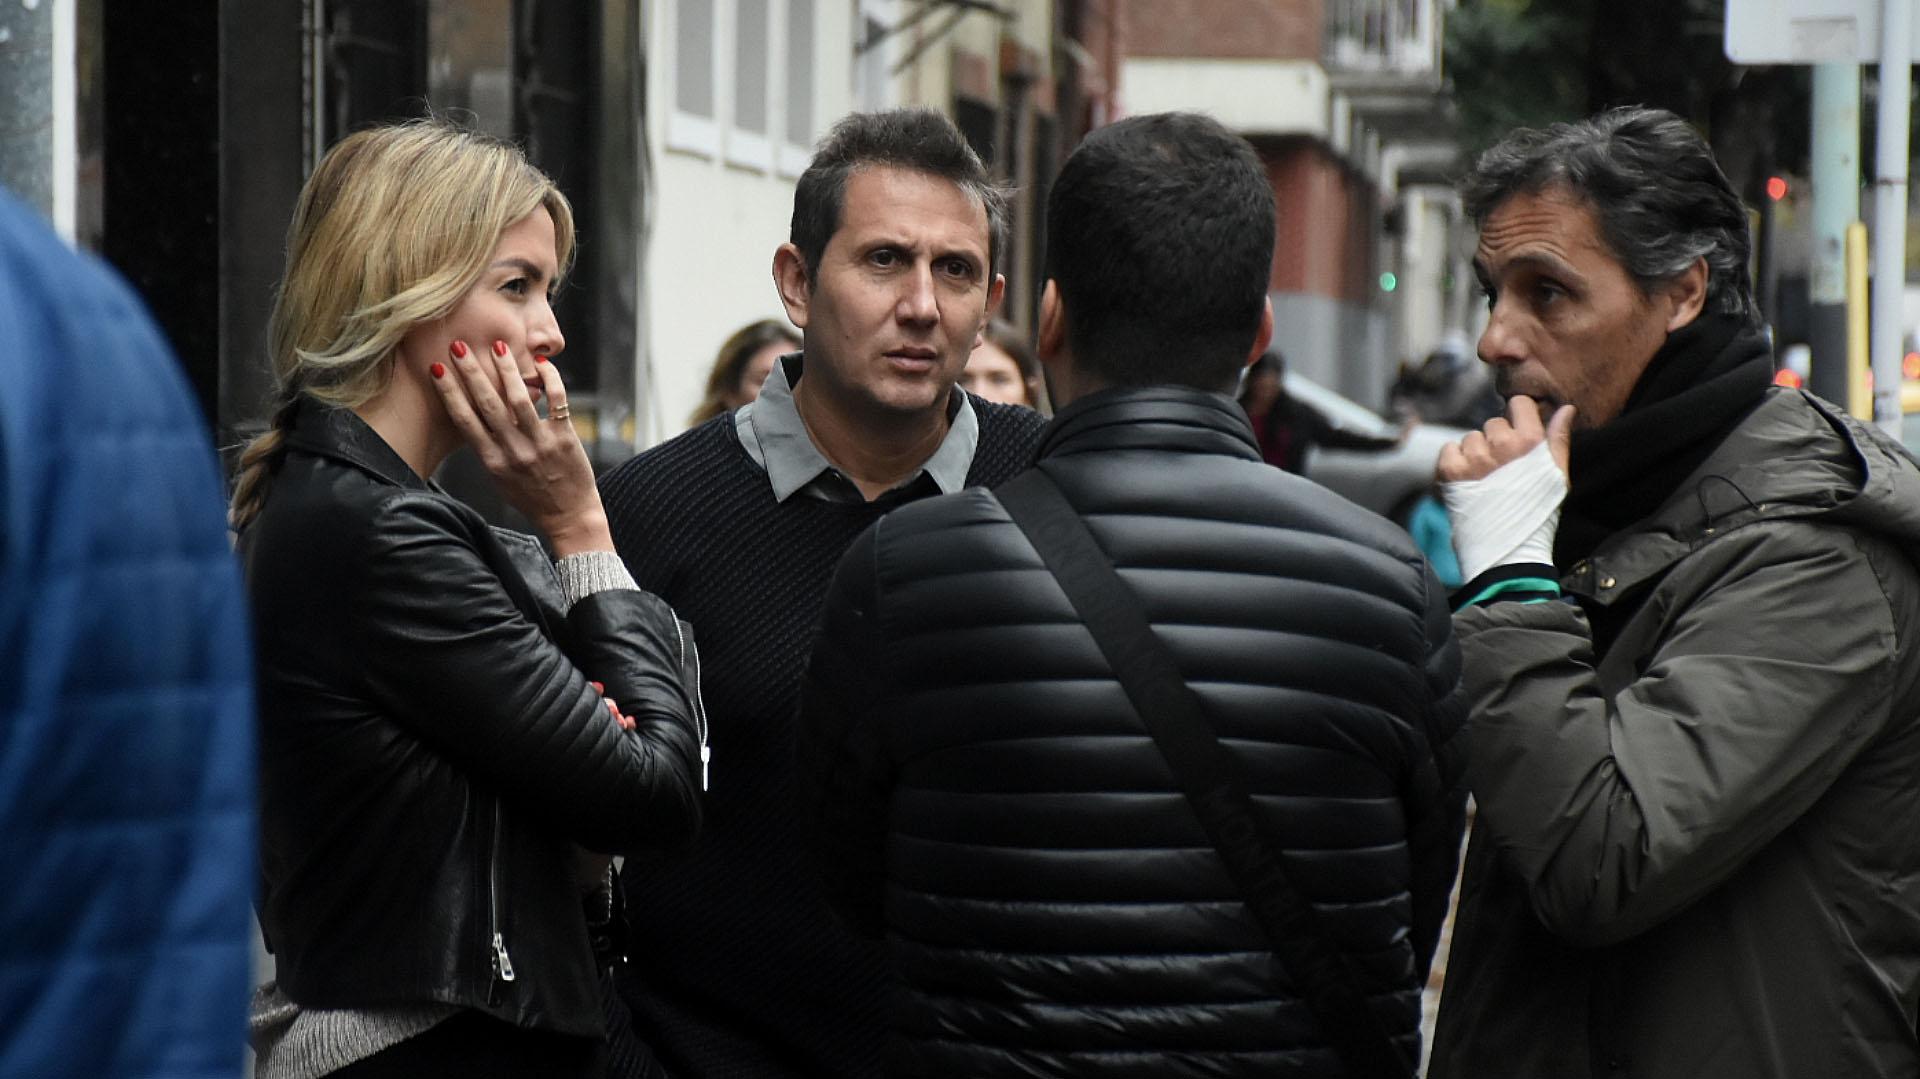 Lala Bruzoni y los periodistas, Juan Pablo Varsky y Gustavo López, despidiendo a su amigo, Sergio Gendler (Foto: Nicolás Stulberg)